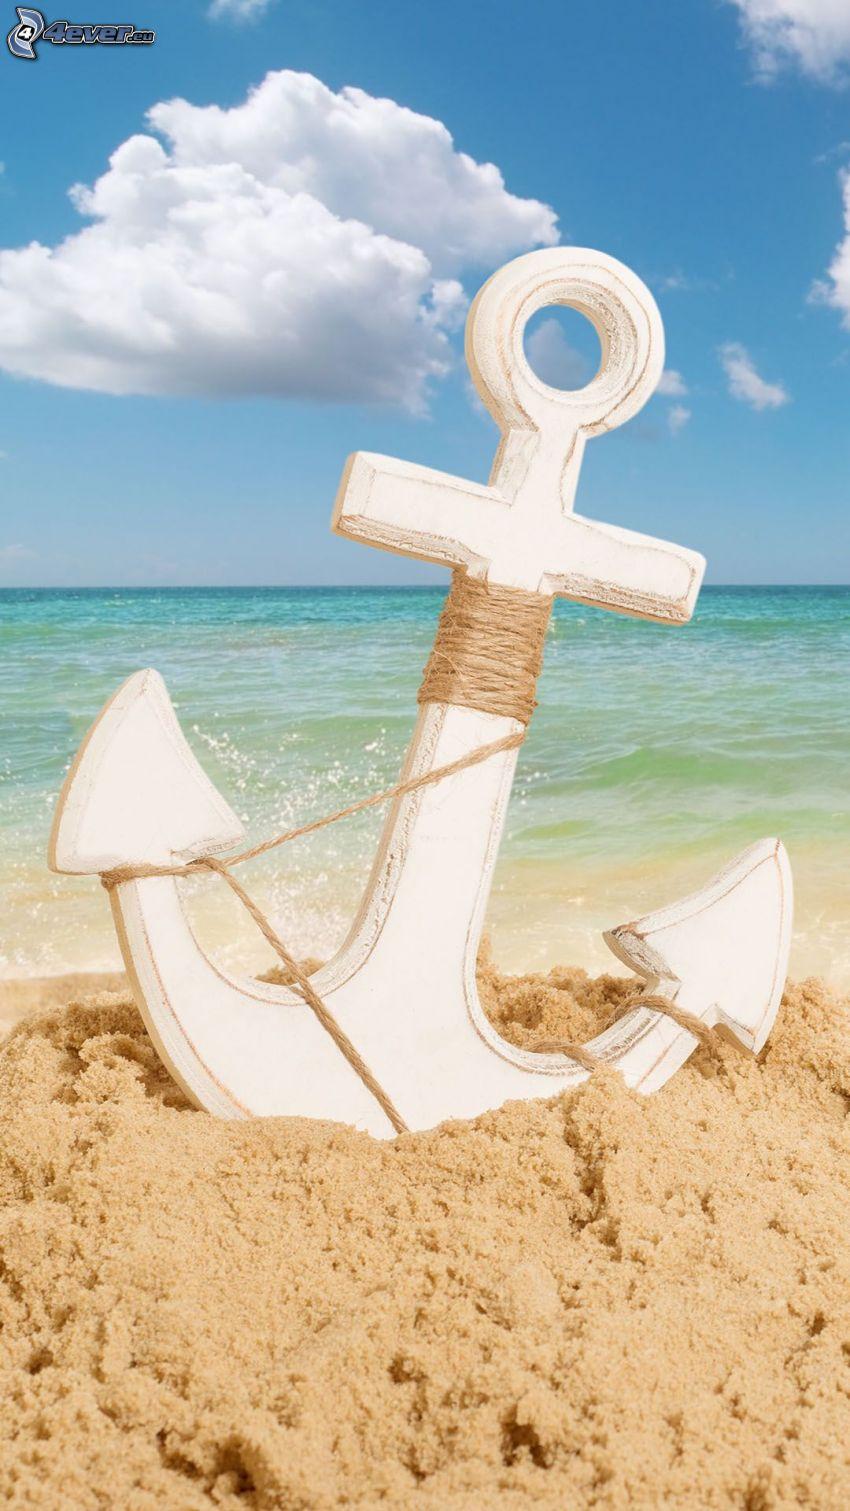 ankare, sand, öppet hav, moln